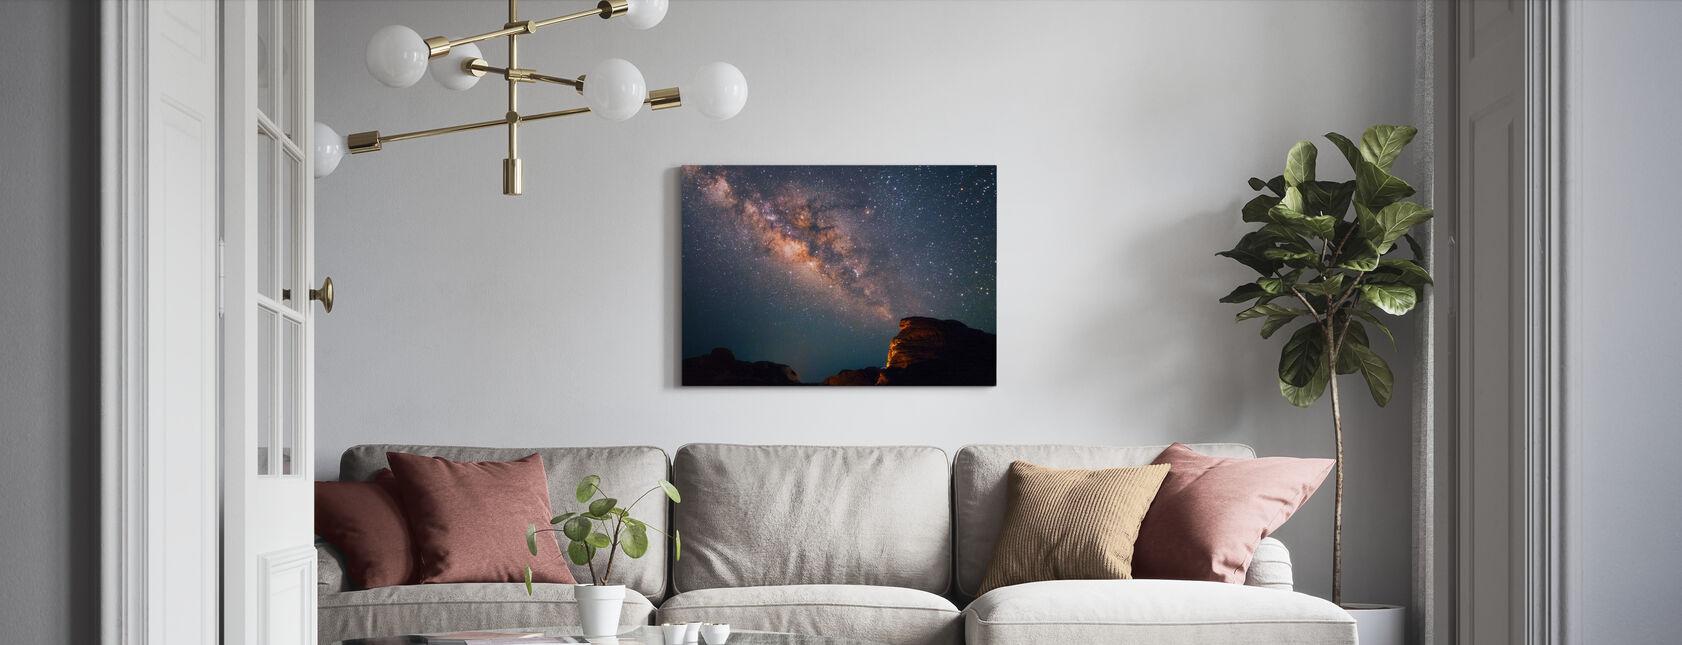 Stjerner over Grand Canyon - Lerretsbilde - Stue